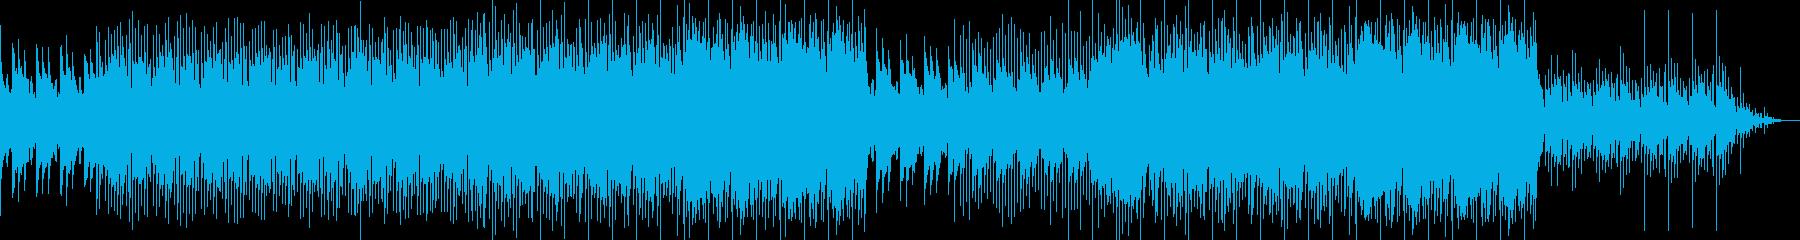 ギター Lo-Fi リバースの再生済みの波形